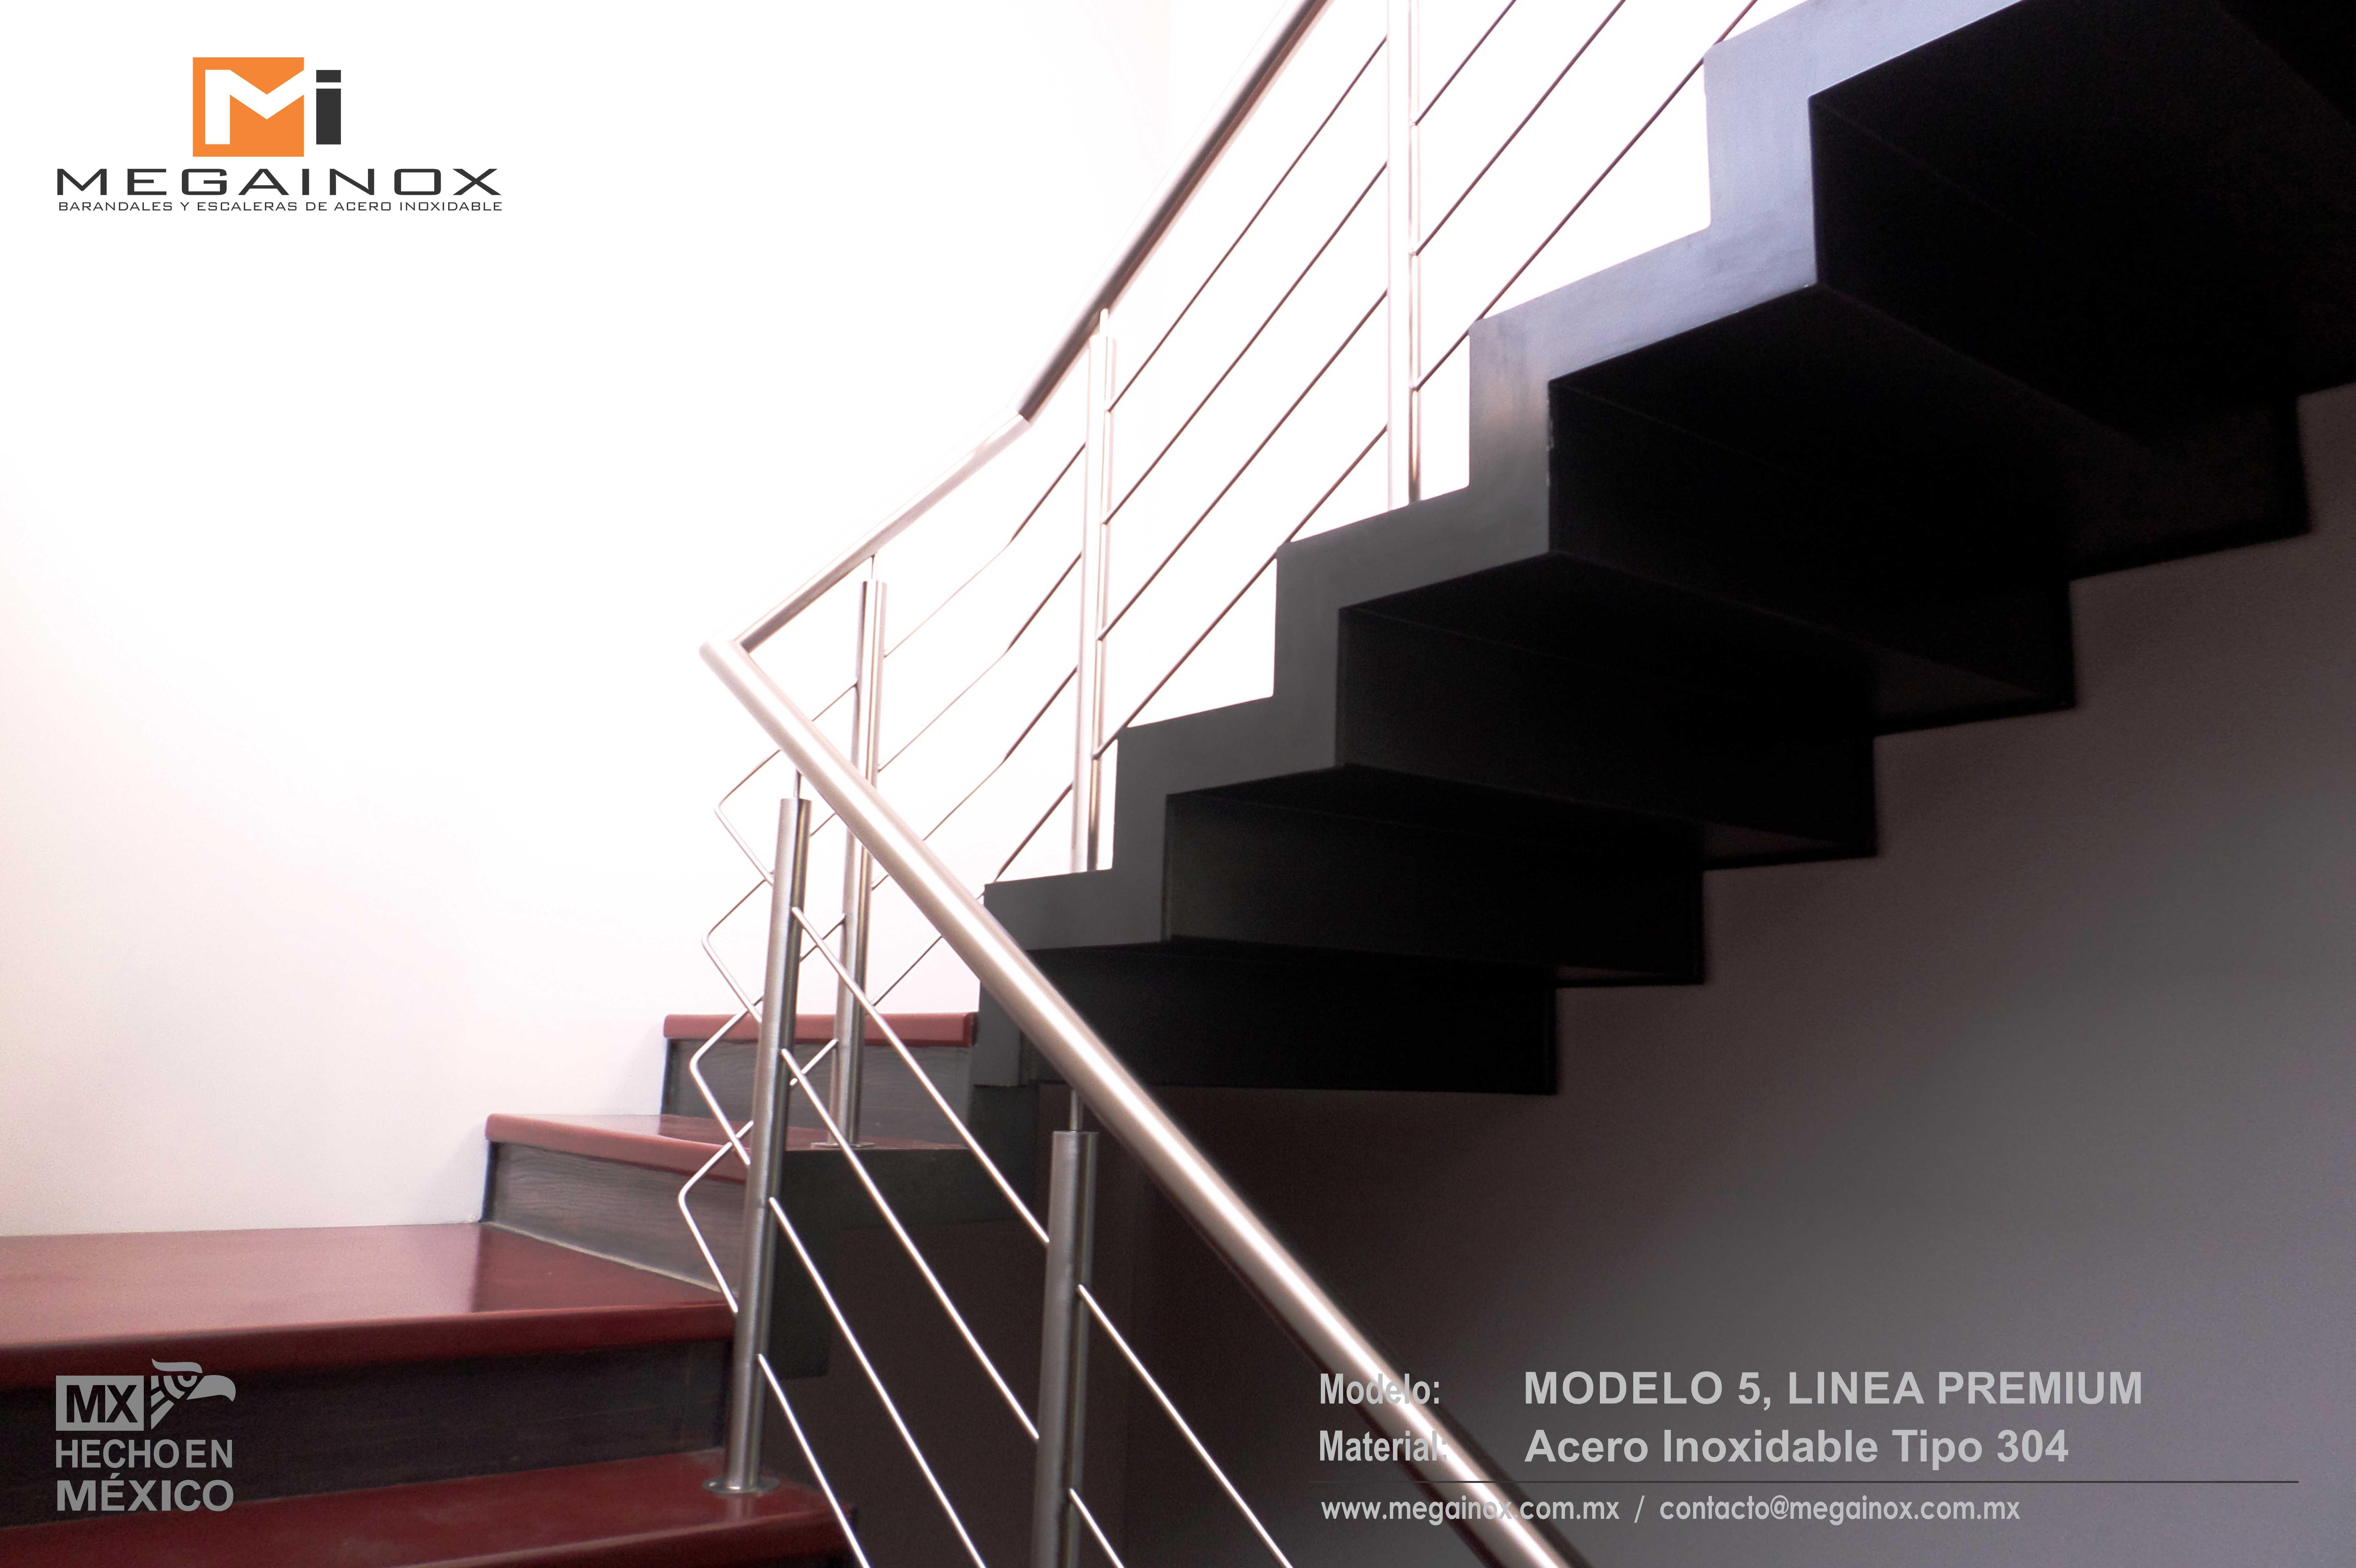 Modelo 5, Línea PREMIUM